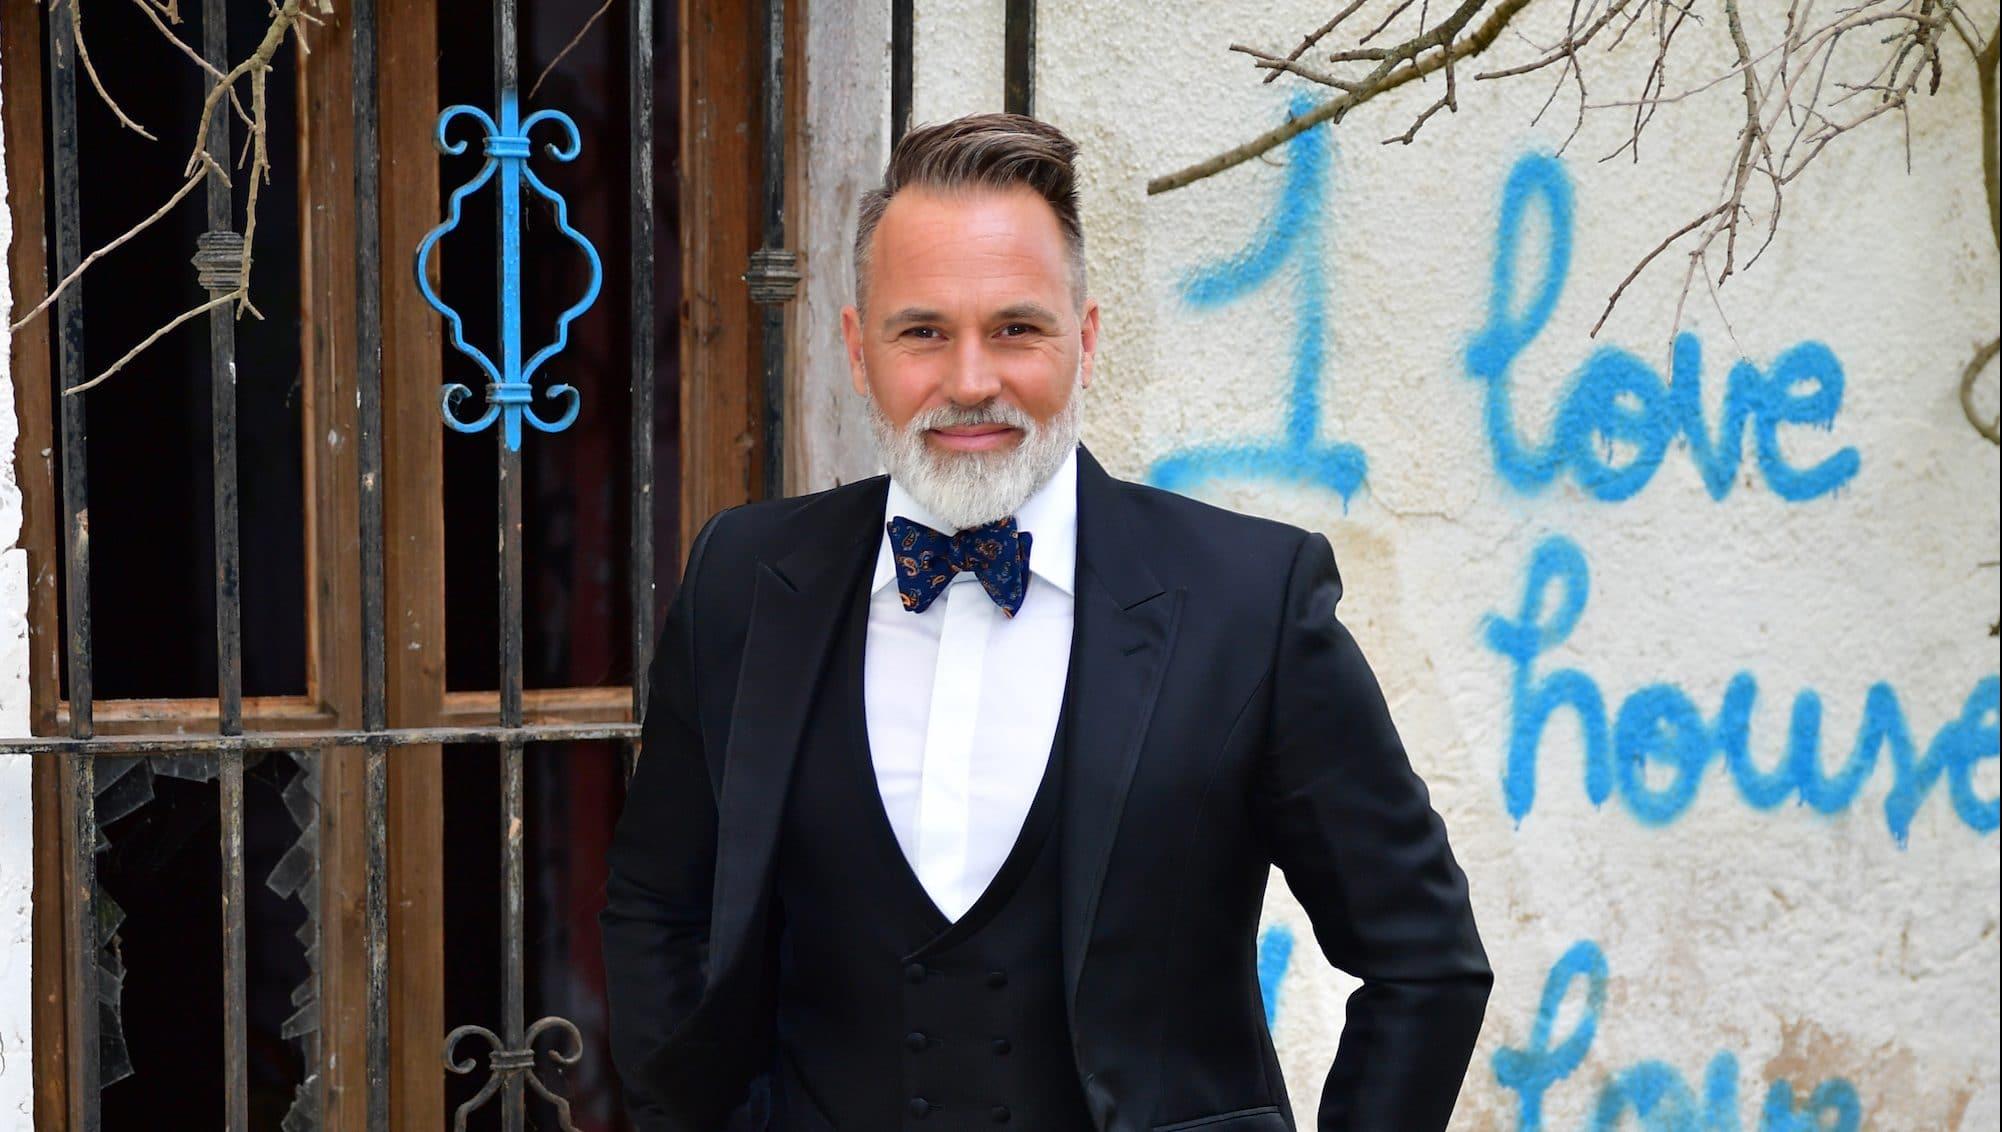 FROONCK – Der Hochzeitsexperte